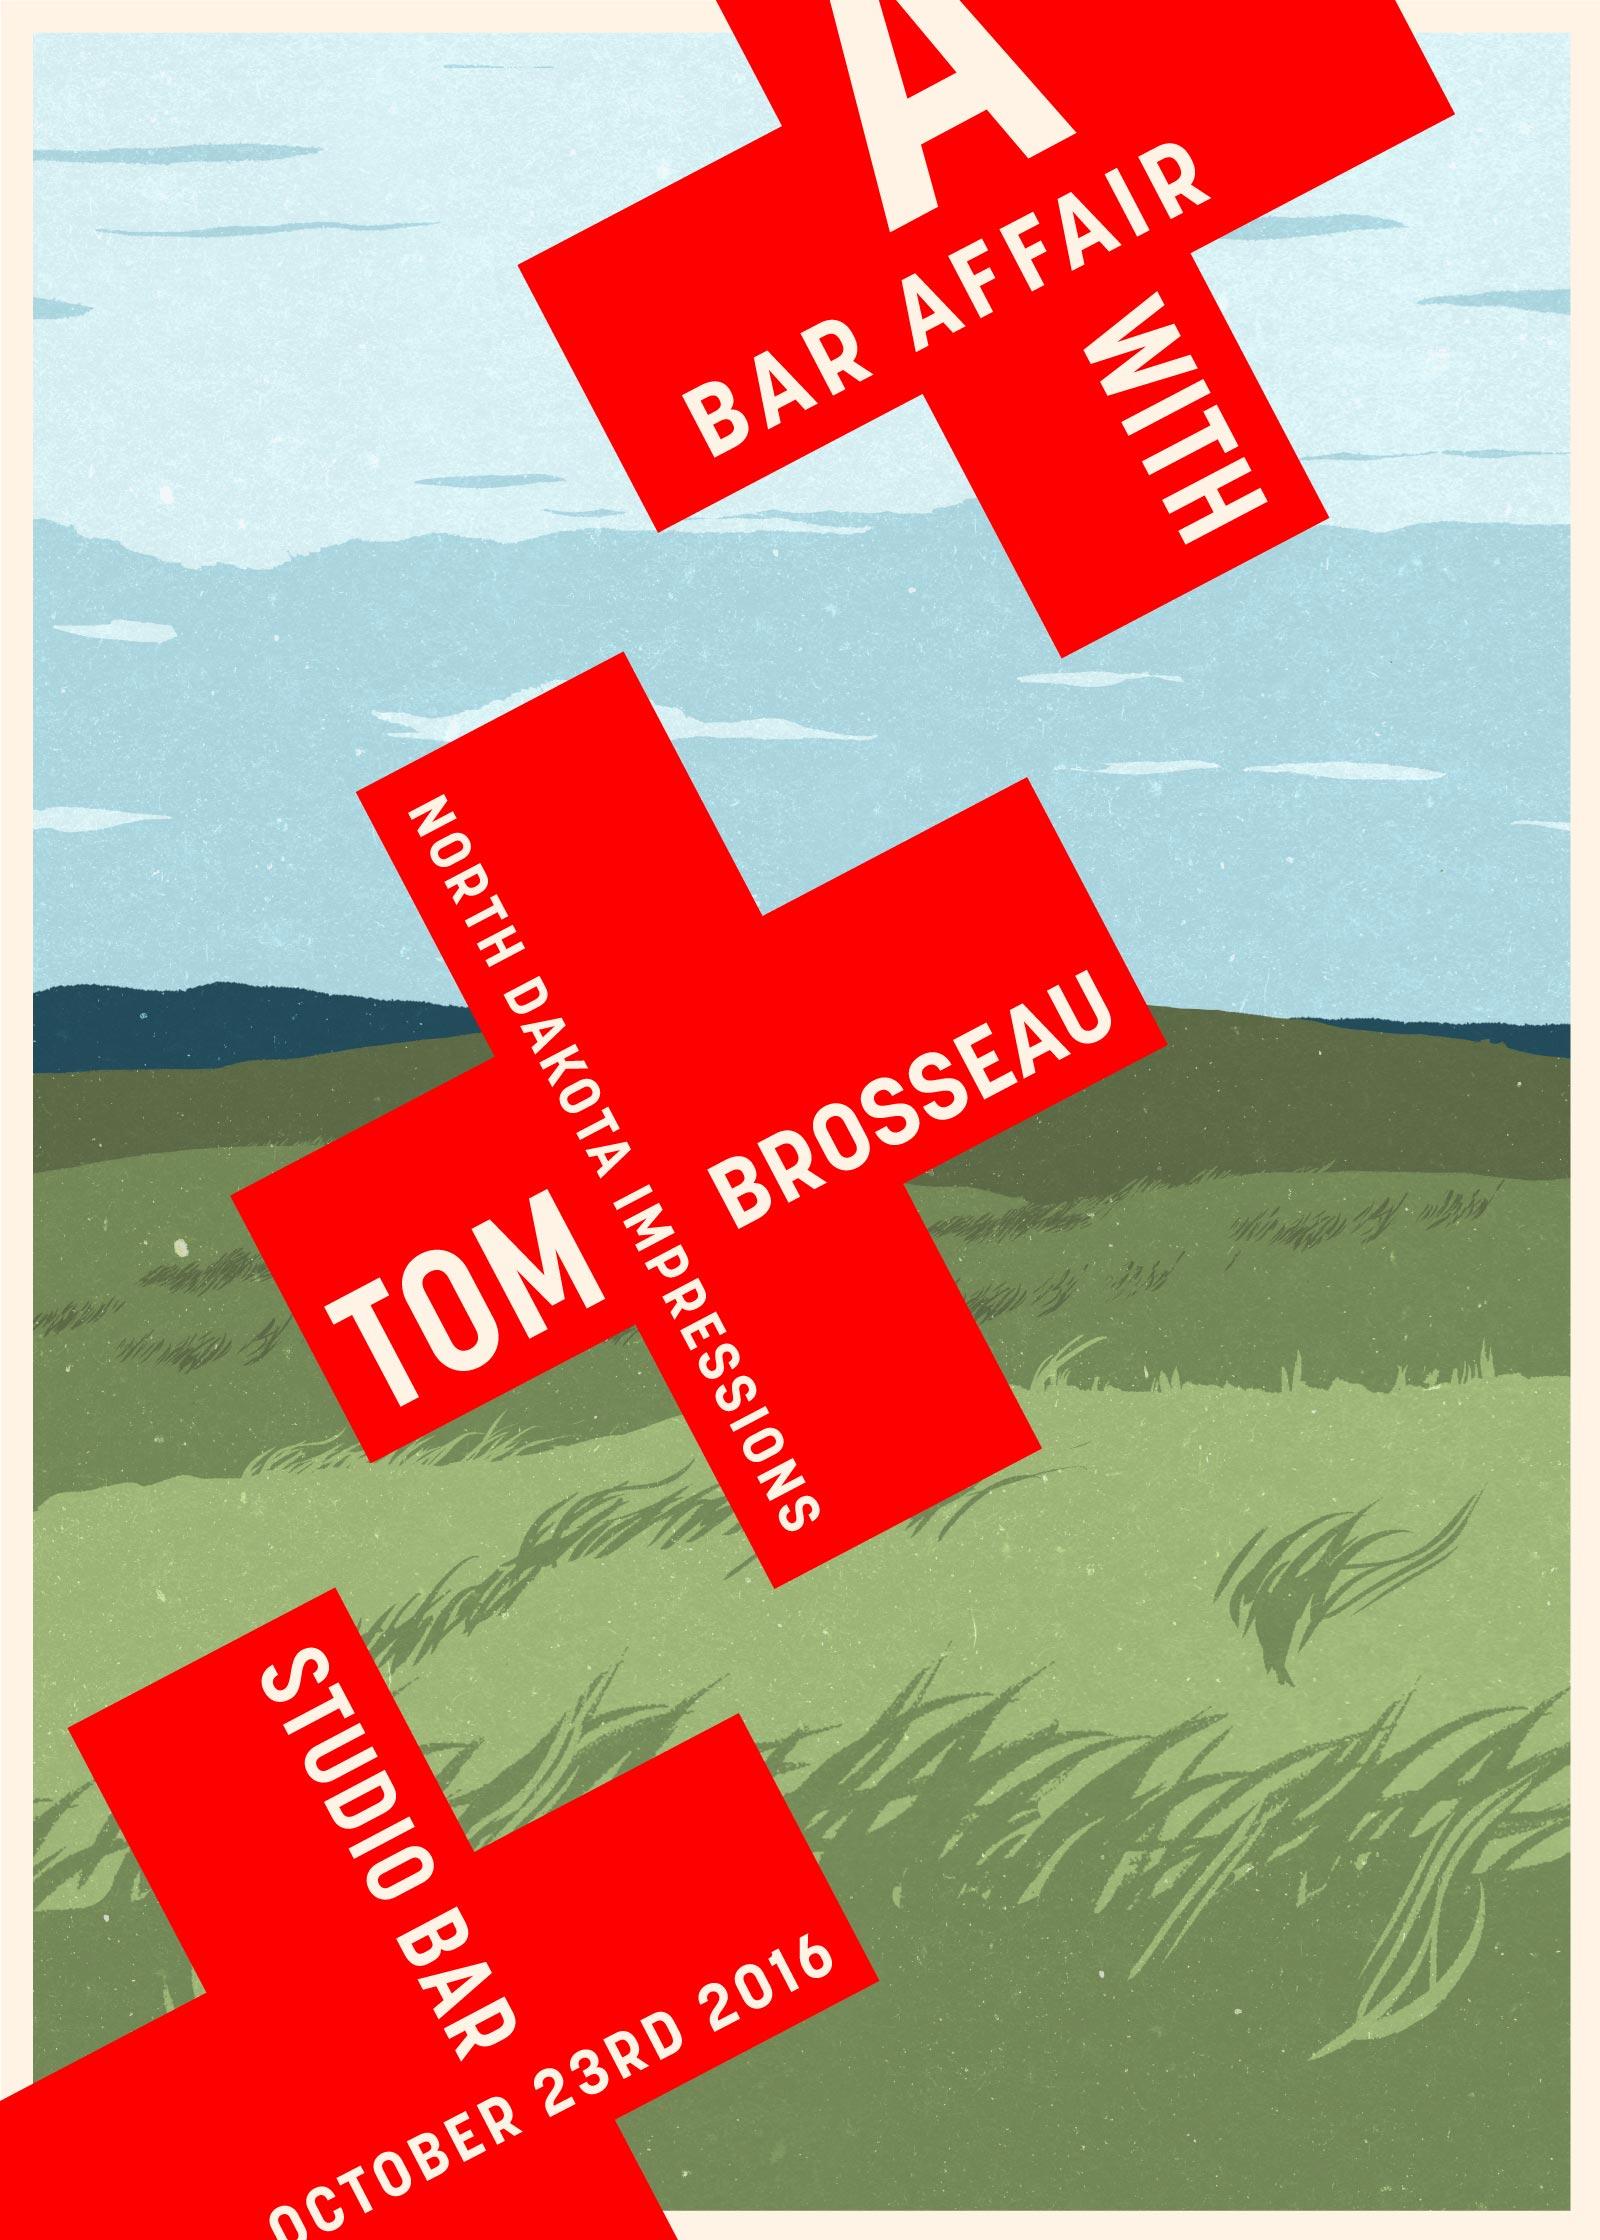 aba_tom-brosseau_studiobar-poster